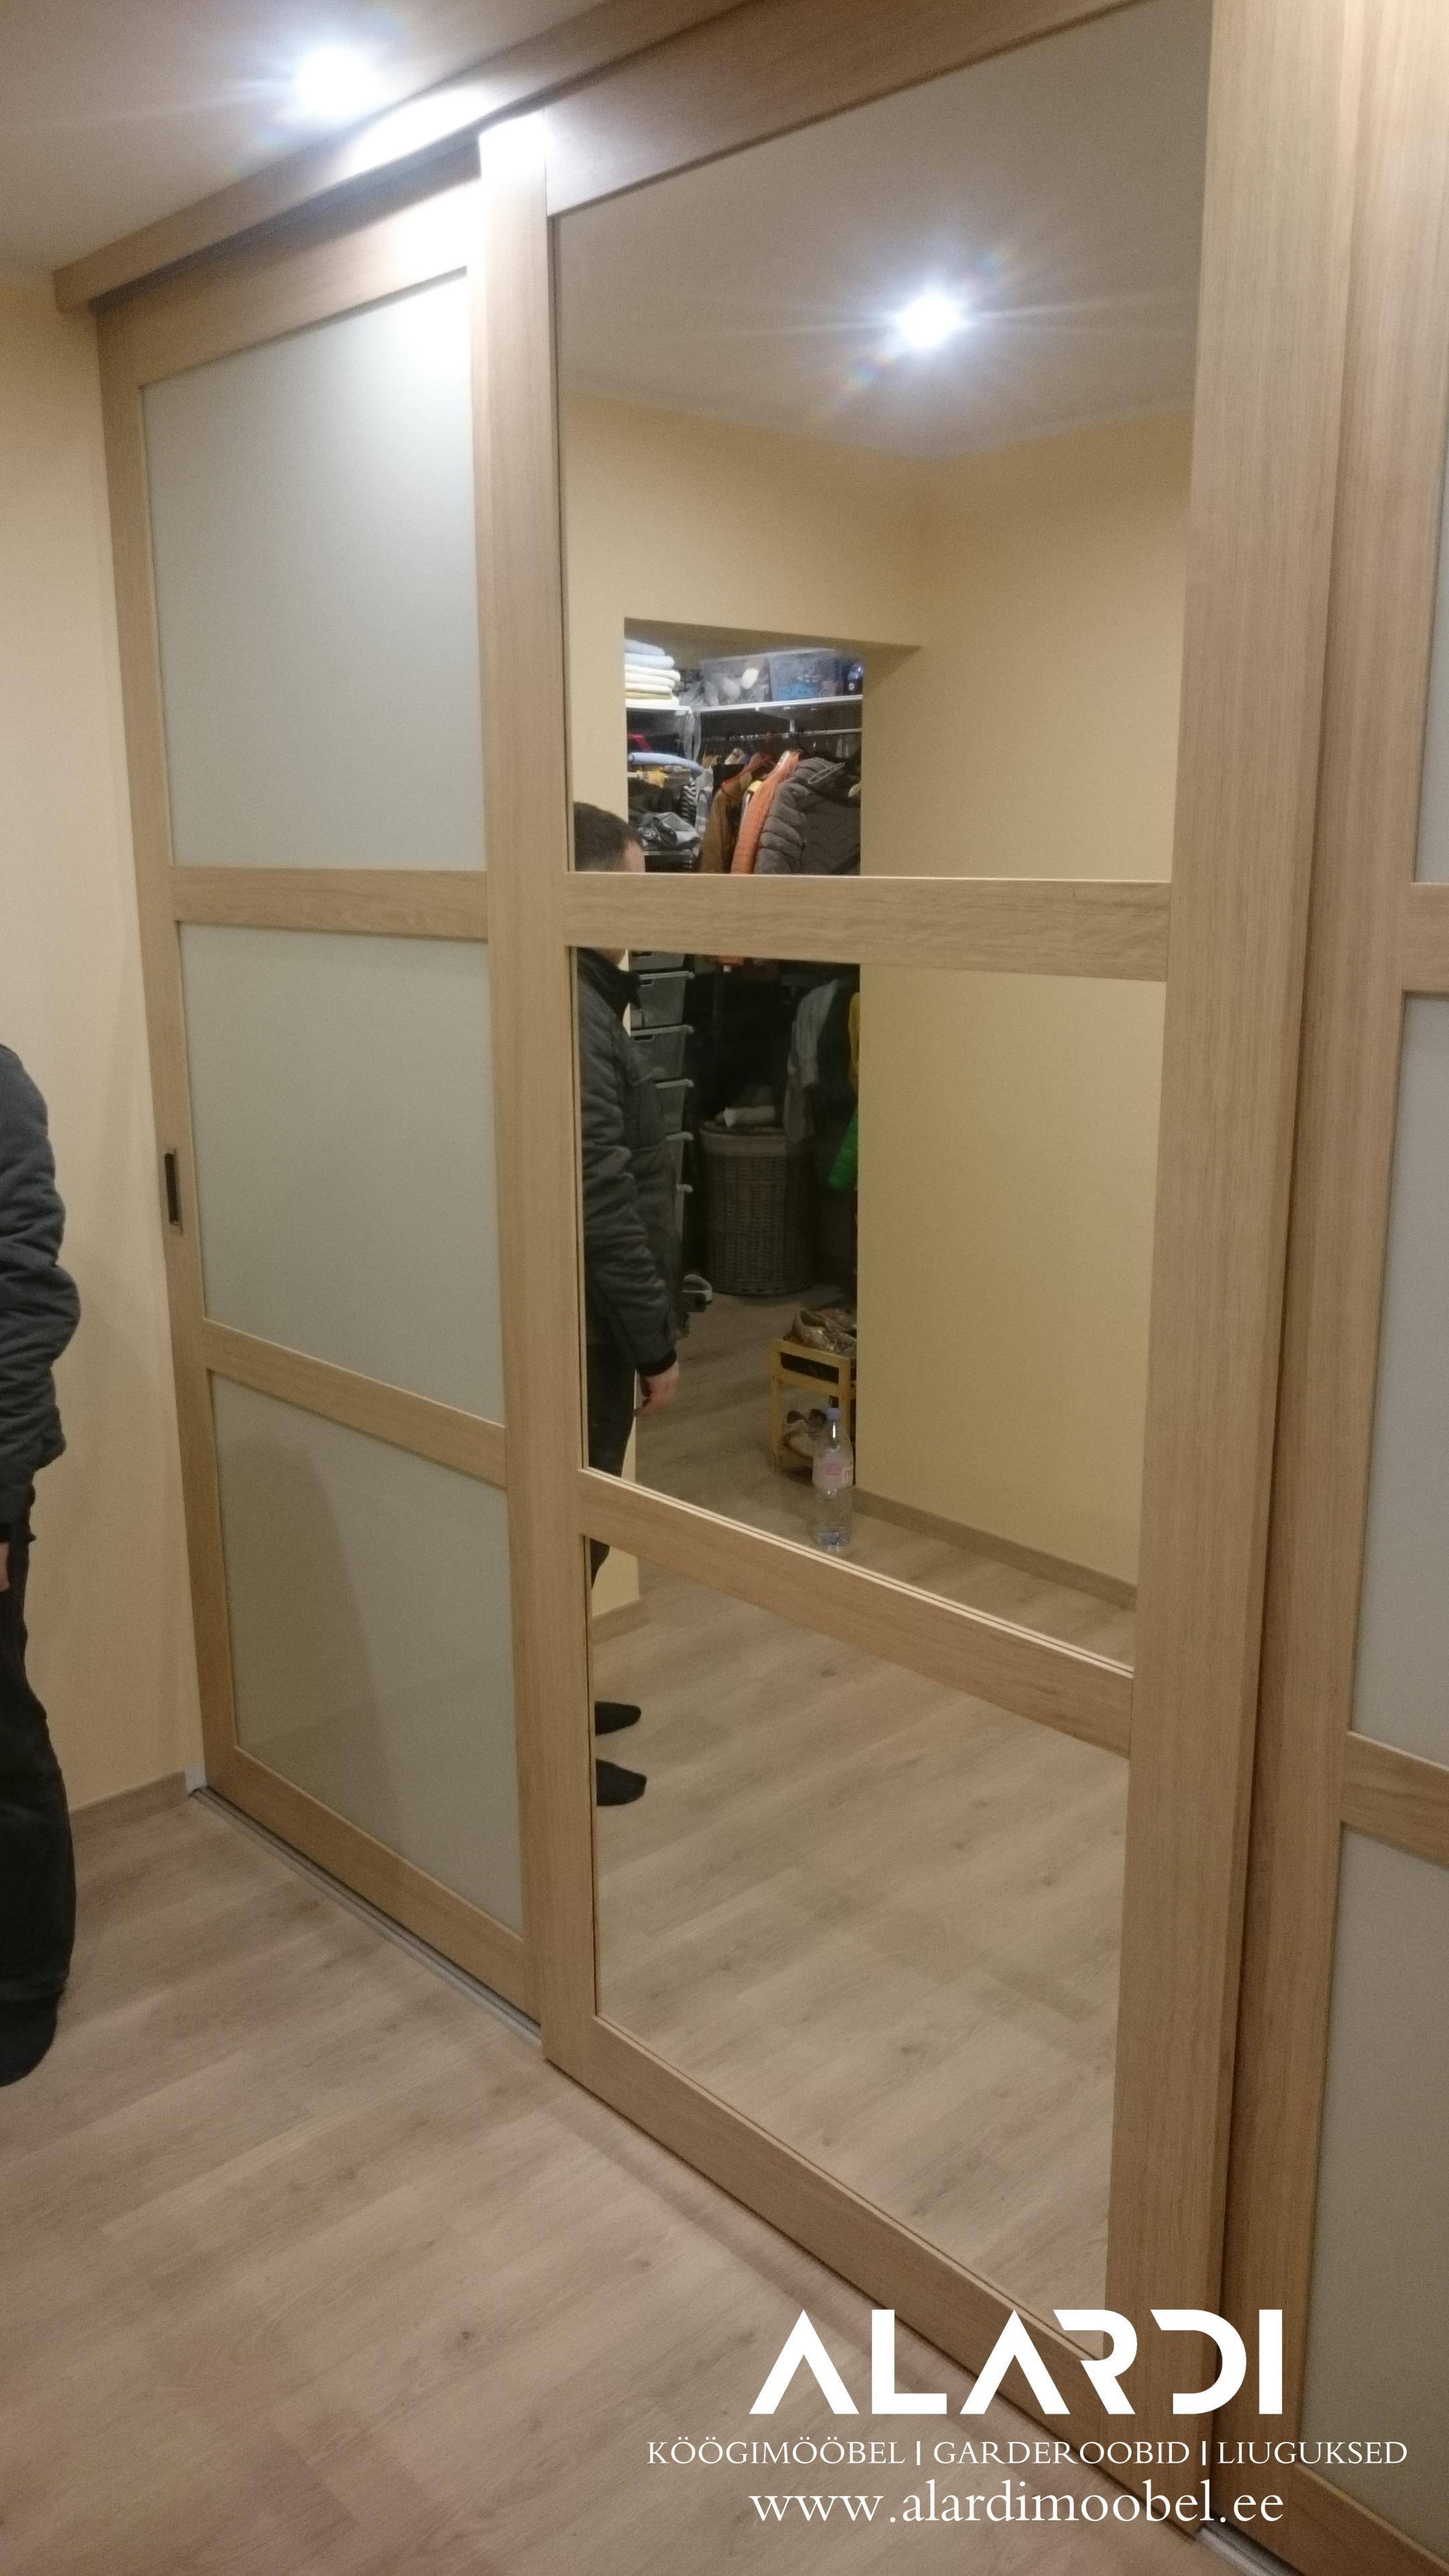 Eritellimusmööbel, köögimööbel, köögi tellimine, köögi tellimine Tallinn, garderoobid, lükanduksed, liuguksed